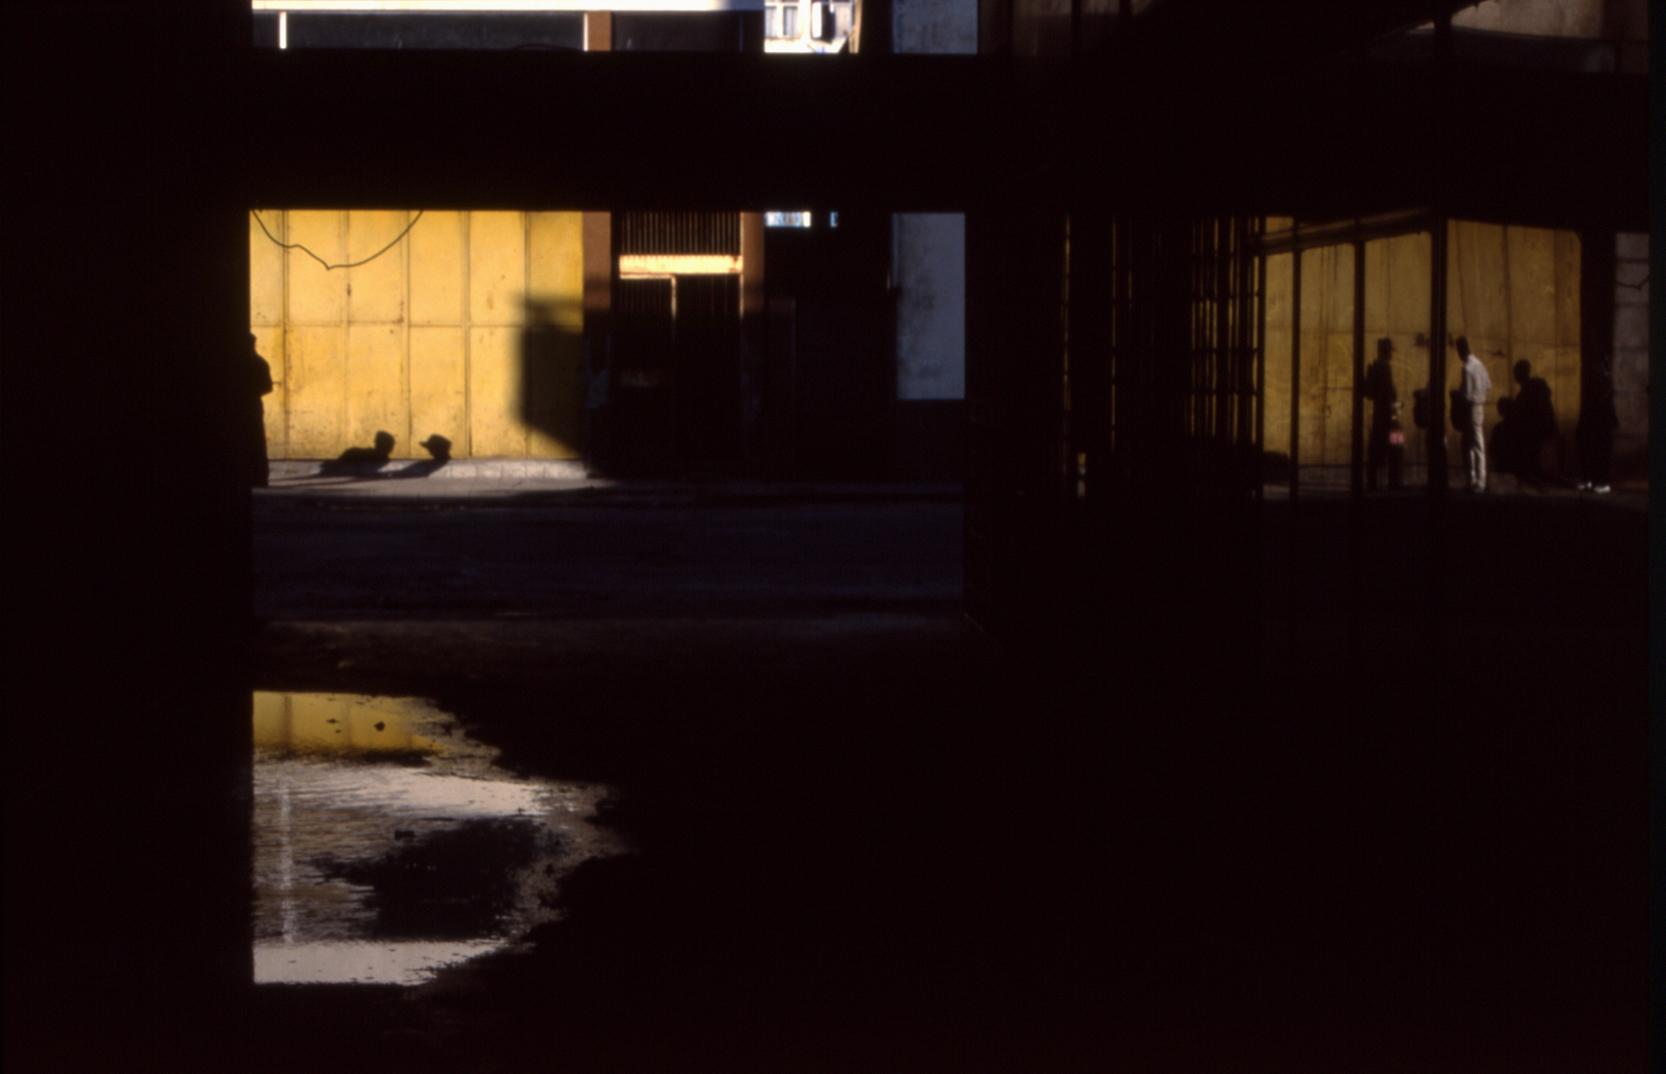 S/T<br/>Fotografía color. Papel Hahnemühle / Colour photograph. Hahnemühle paper